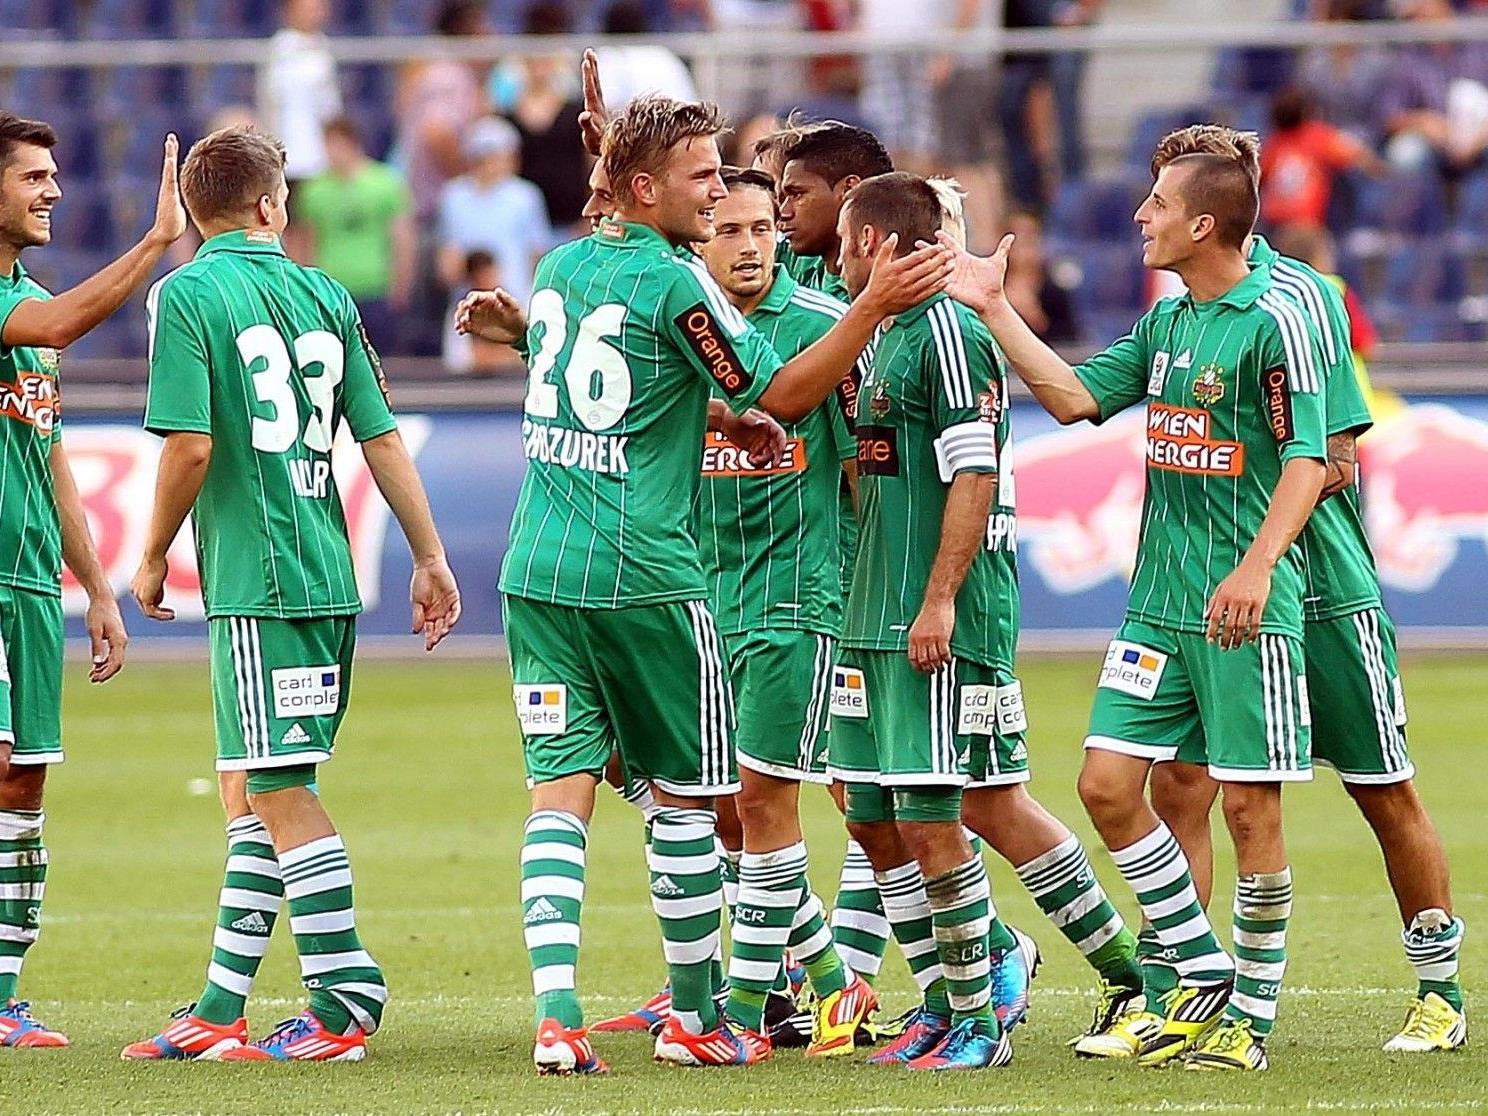 Wir berichten ab 18.30 Uhr live vom Spiel SK Rapid Wien gegen Sturm Graz in unserem Ticker.